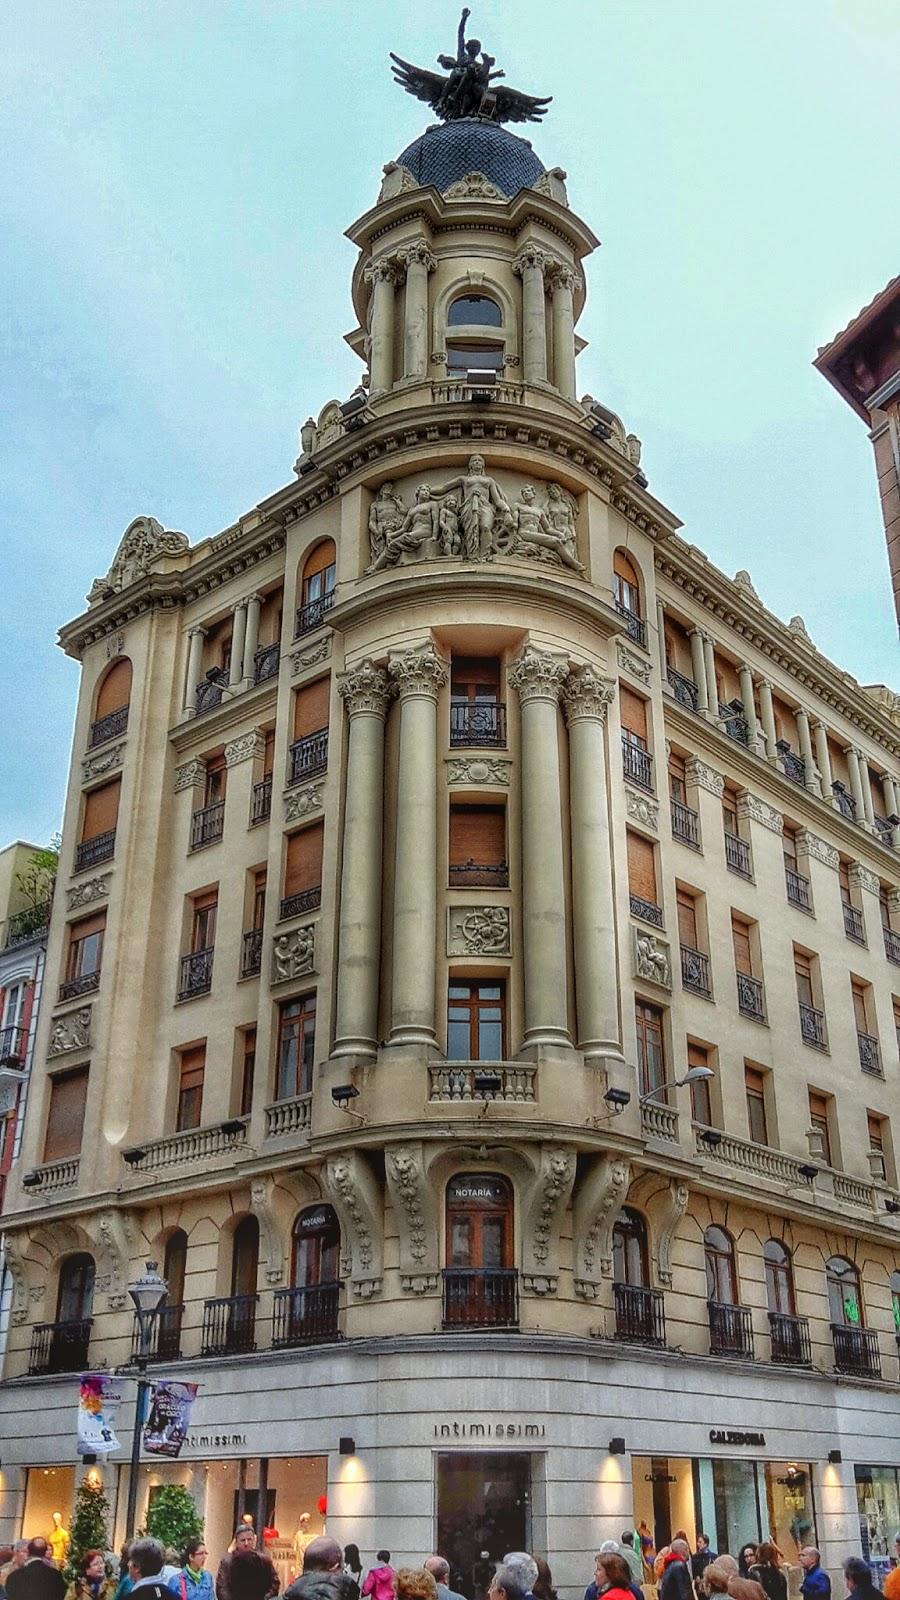 El edificio de la uni n y el f nix - Oficinas western union en barcelona ...